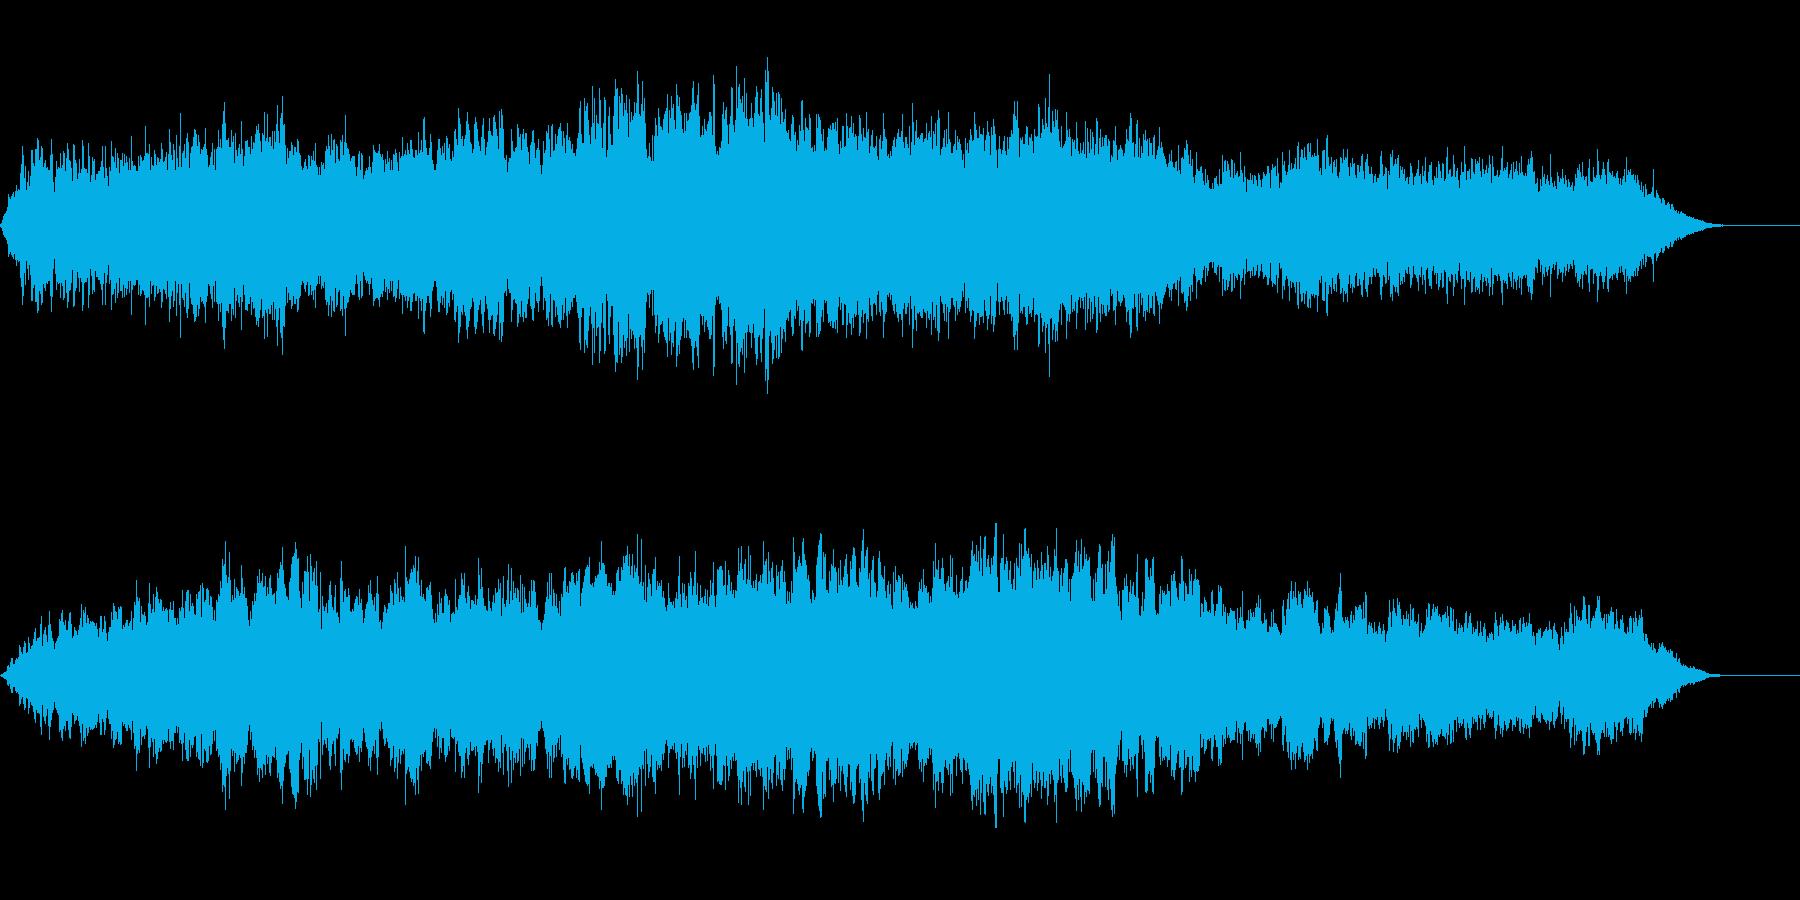 対位法による弦楽合奏曲1の再生済みの波形